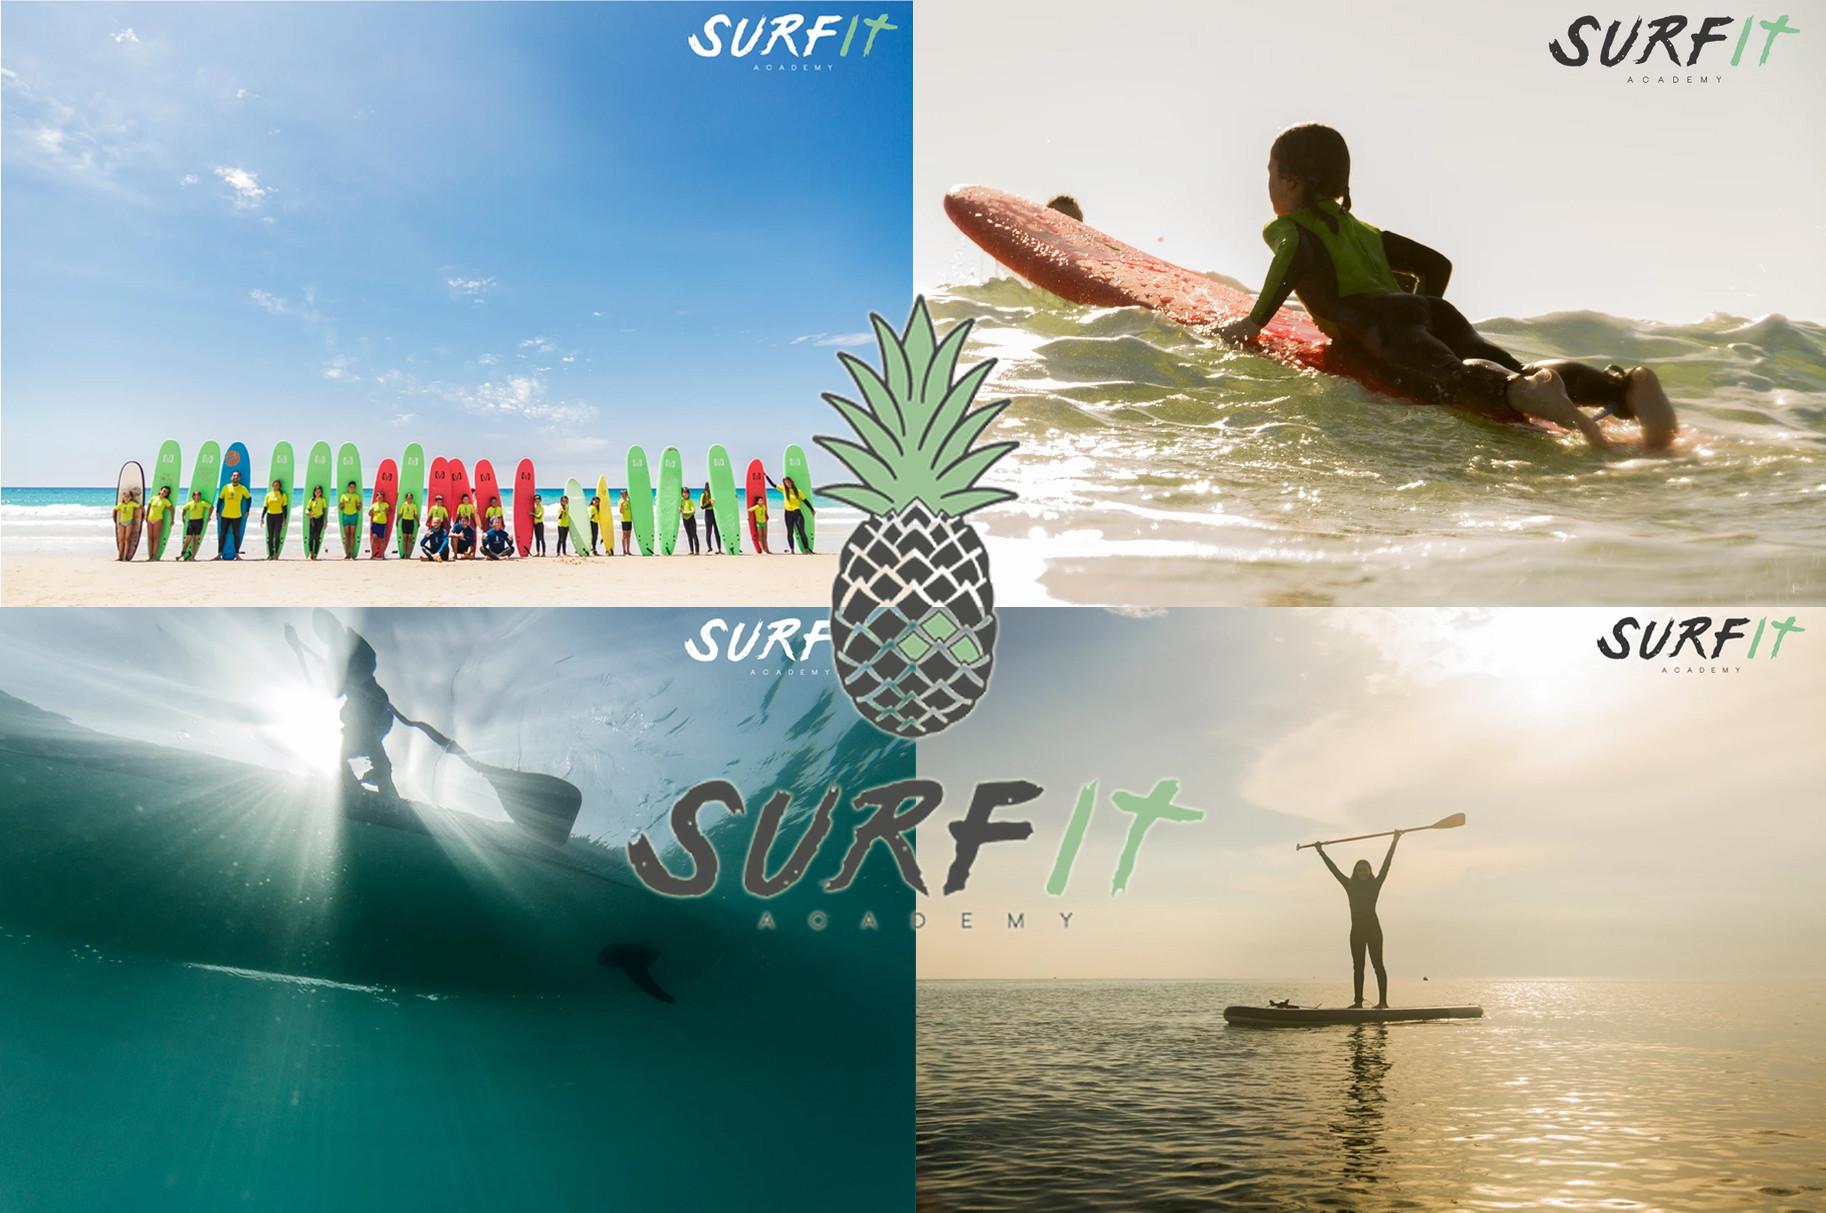 Casa Felix - SURFIT